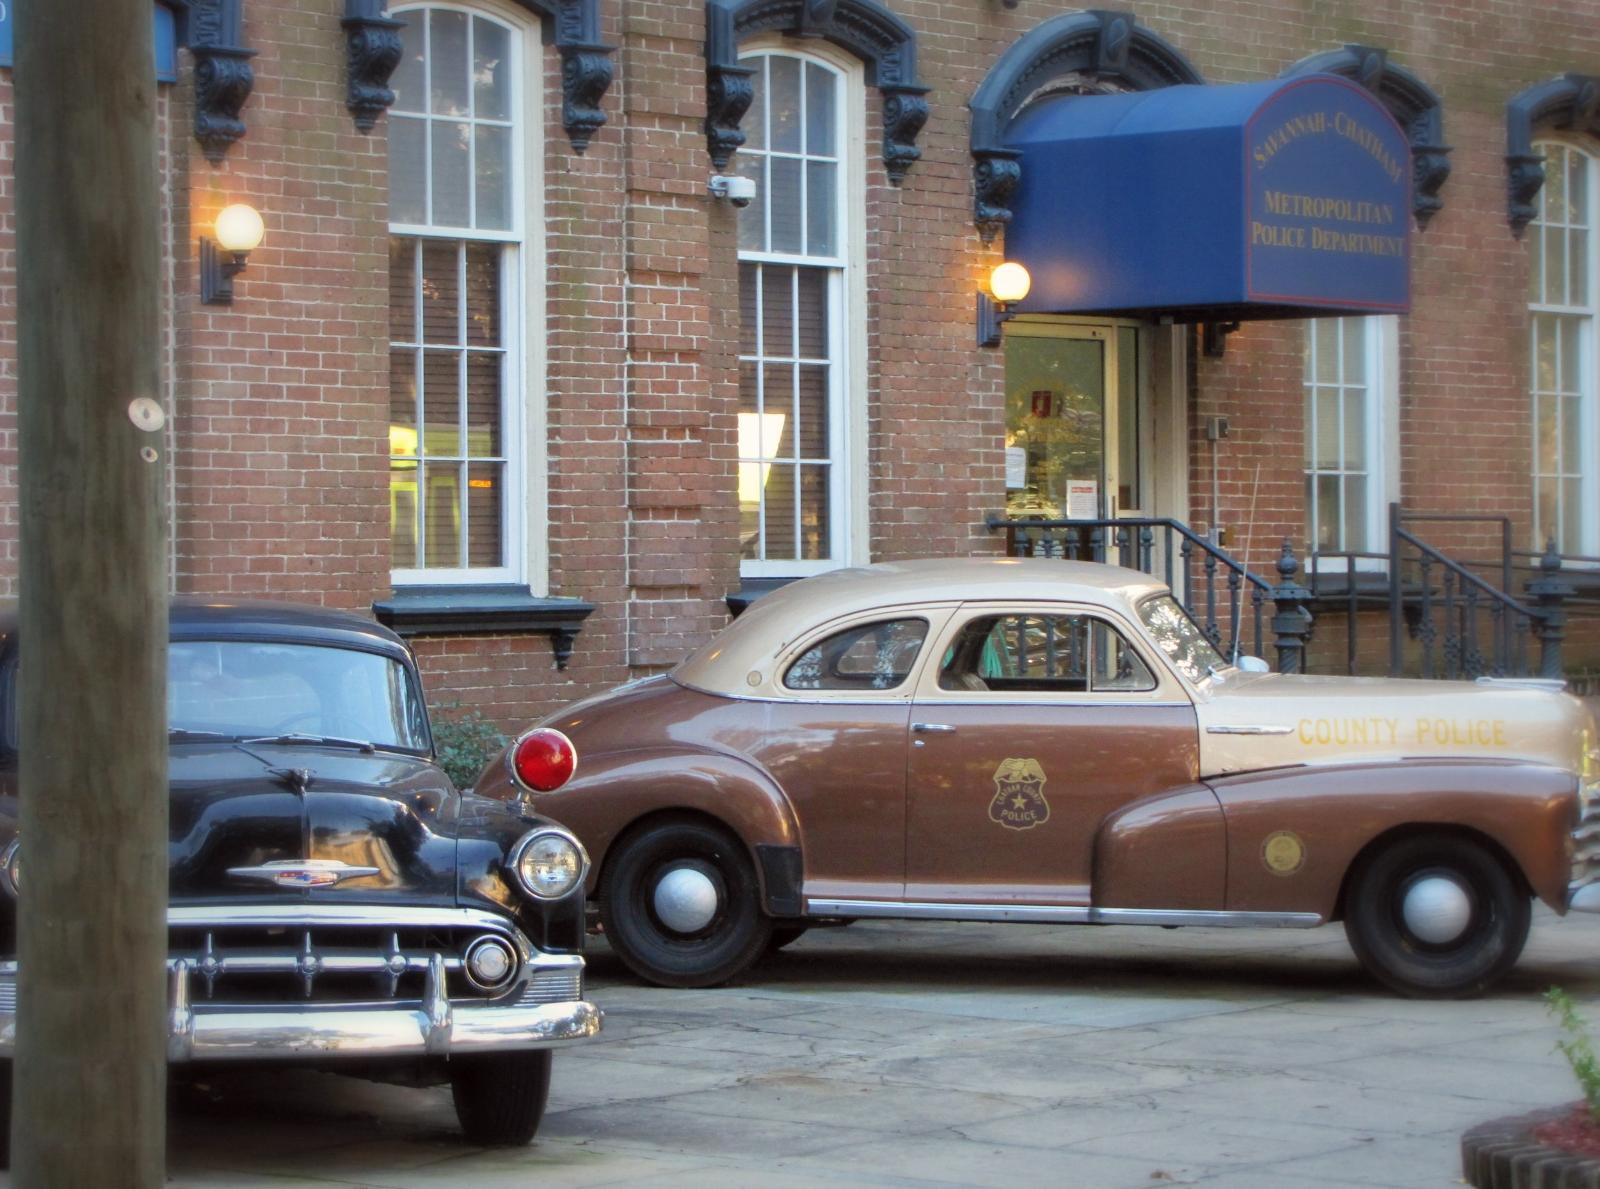 vintage police car in Savannah